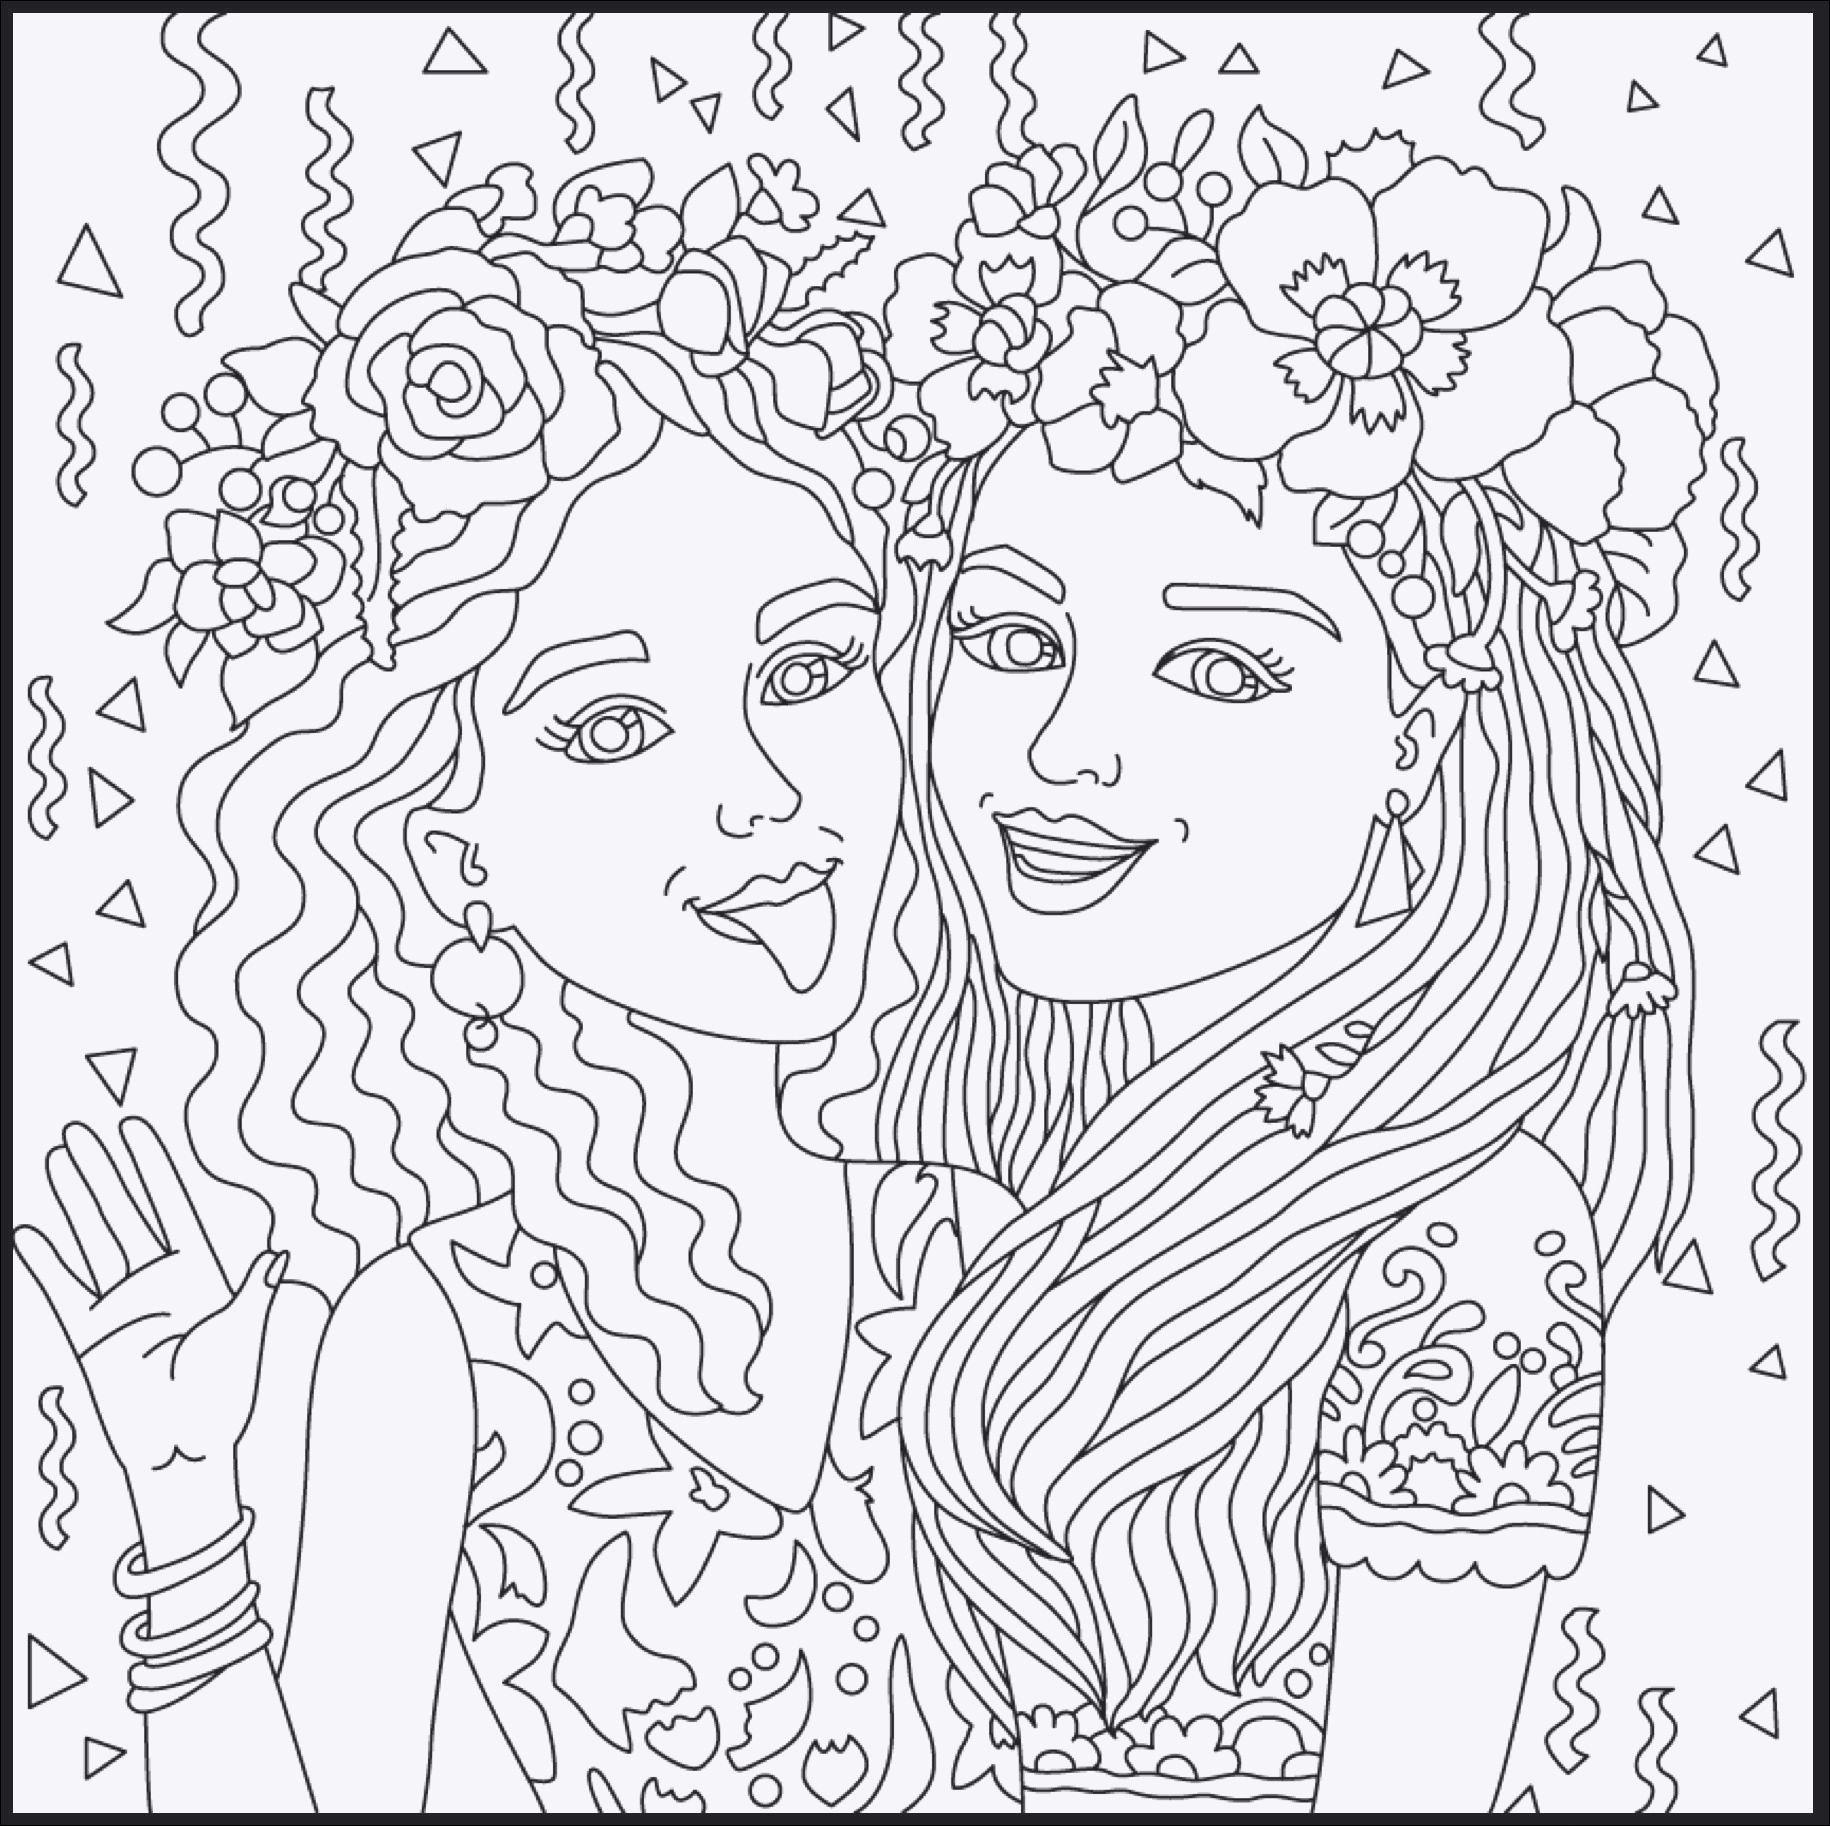 Frisch Ausmalbild Junge Und Madchen Farbung Malvorlagen Malvorlagenfurkinder Emoji Coloring Pages Coloring Pages Free Printable Coloring Pages